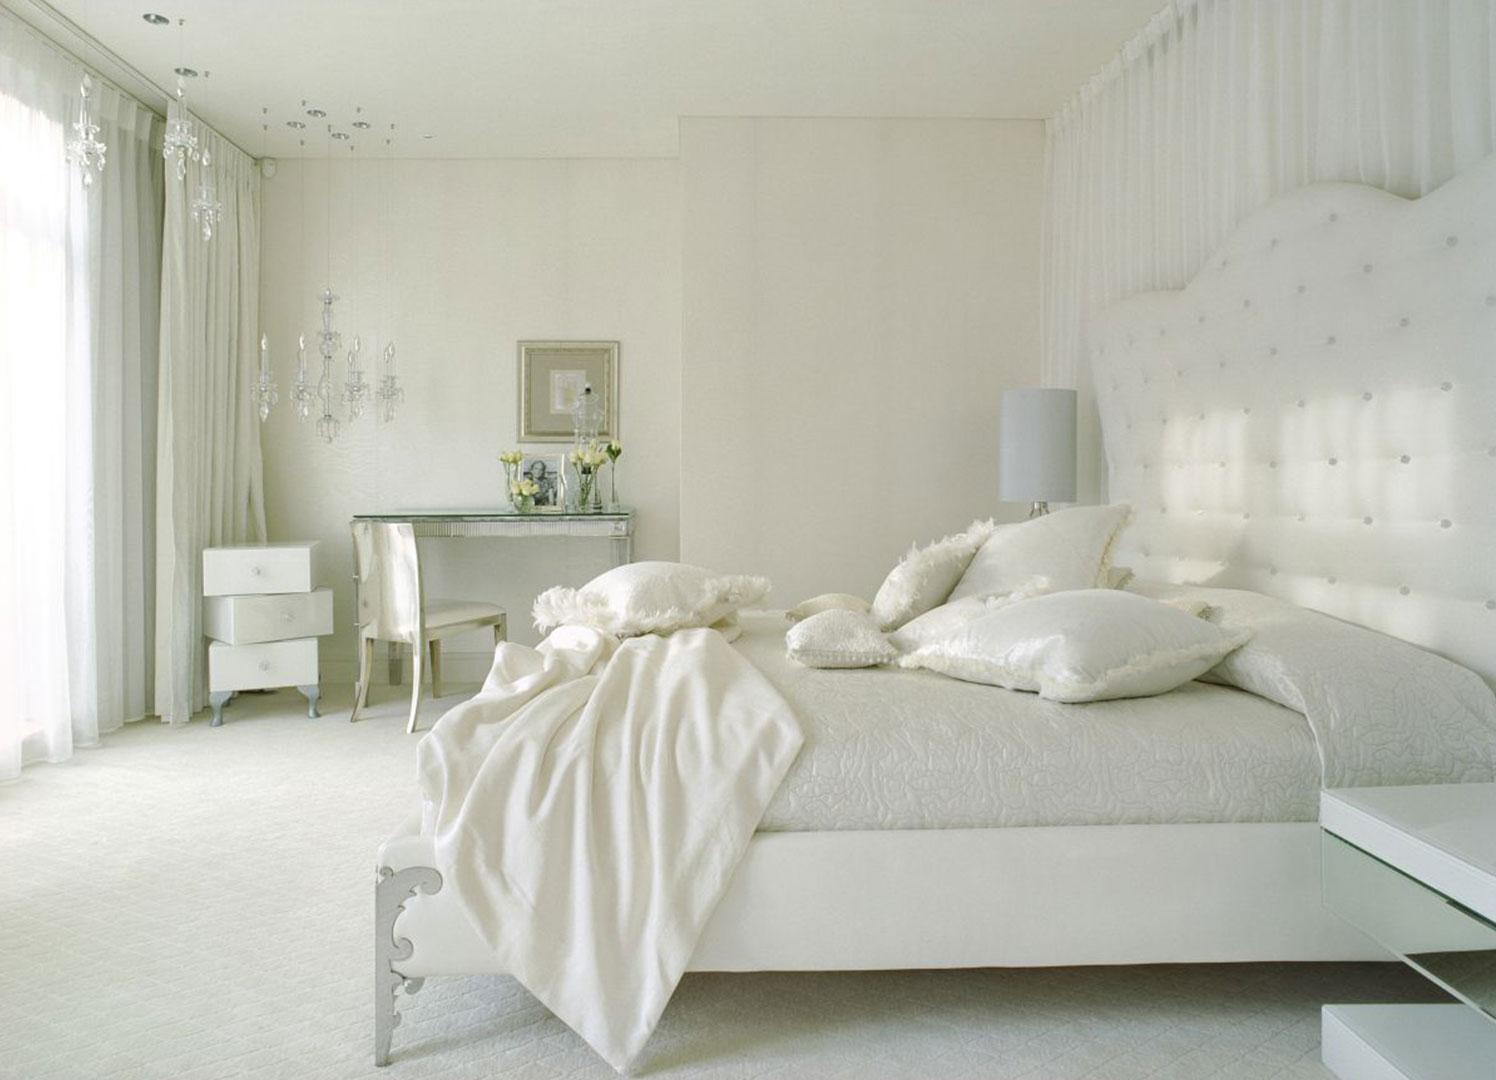 Ta boja va e spava e sobe govori o vama my cup of tea for Small bedroom white decor ideas